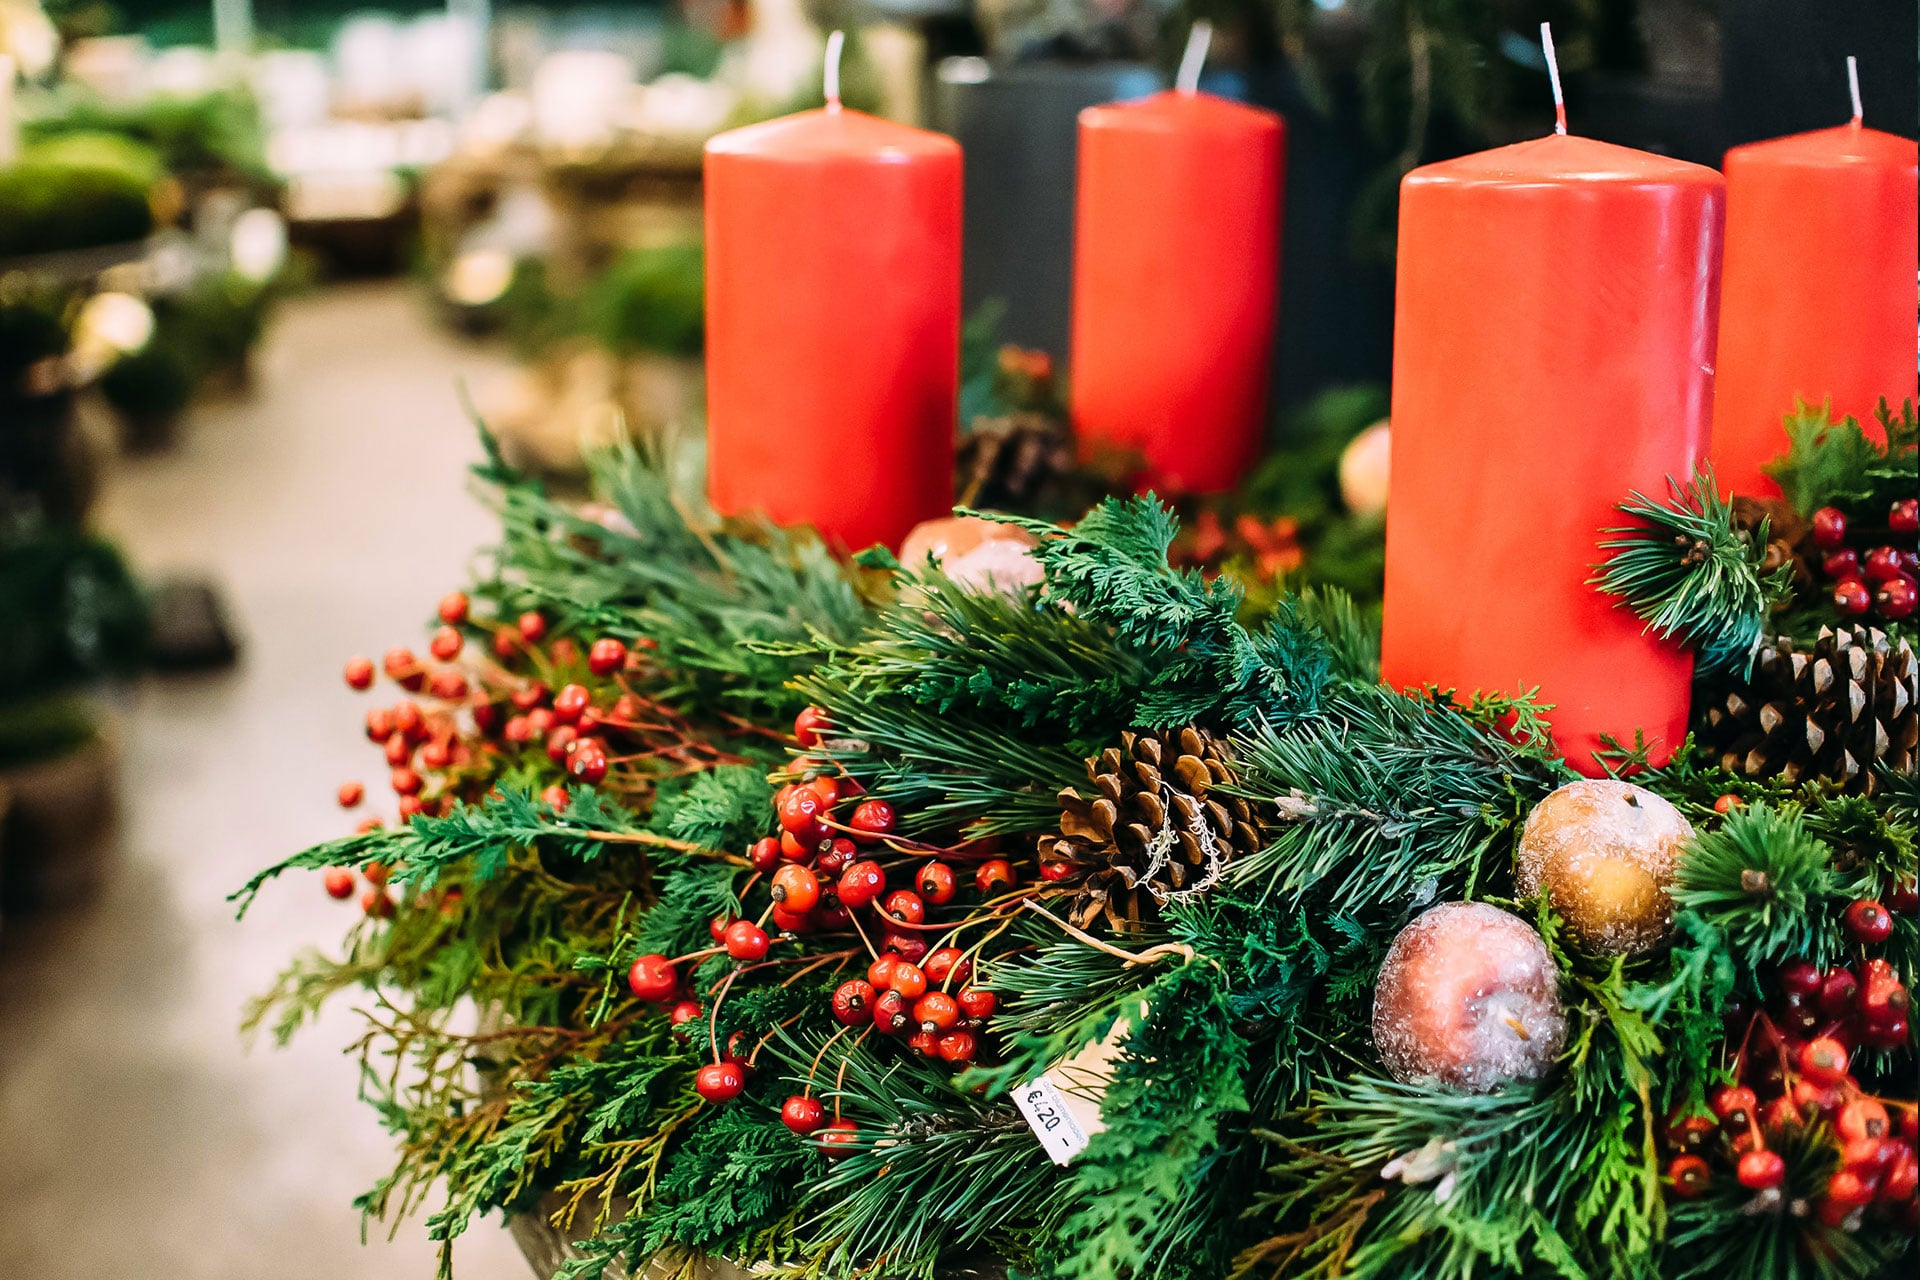 Adventskranz mit vier Kerzen zu Weihnachten